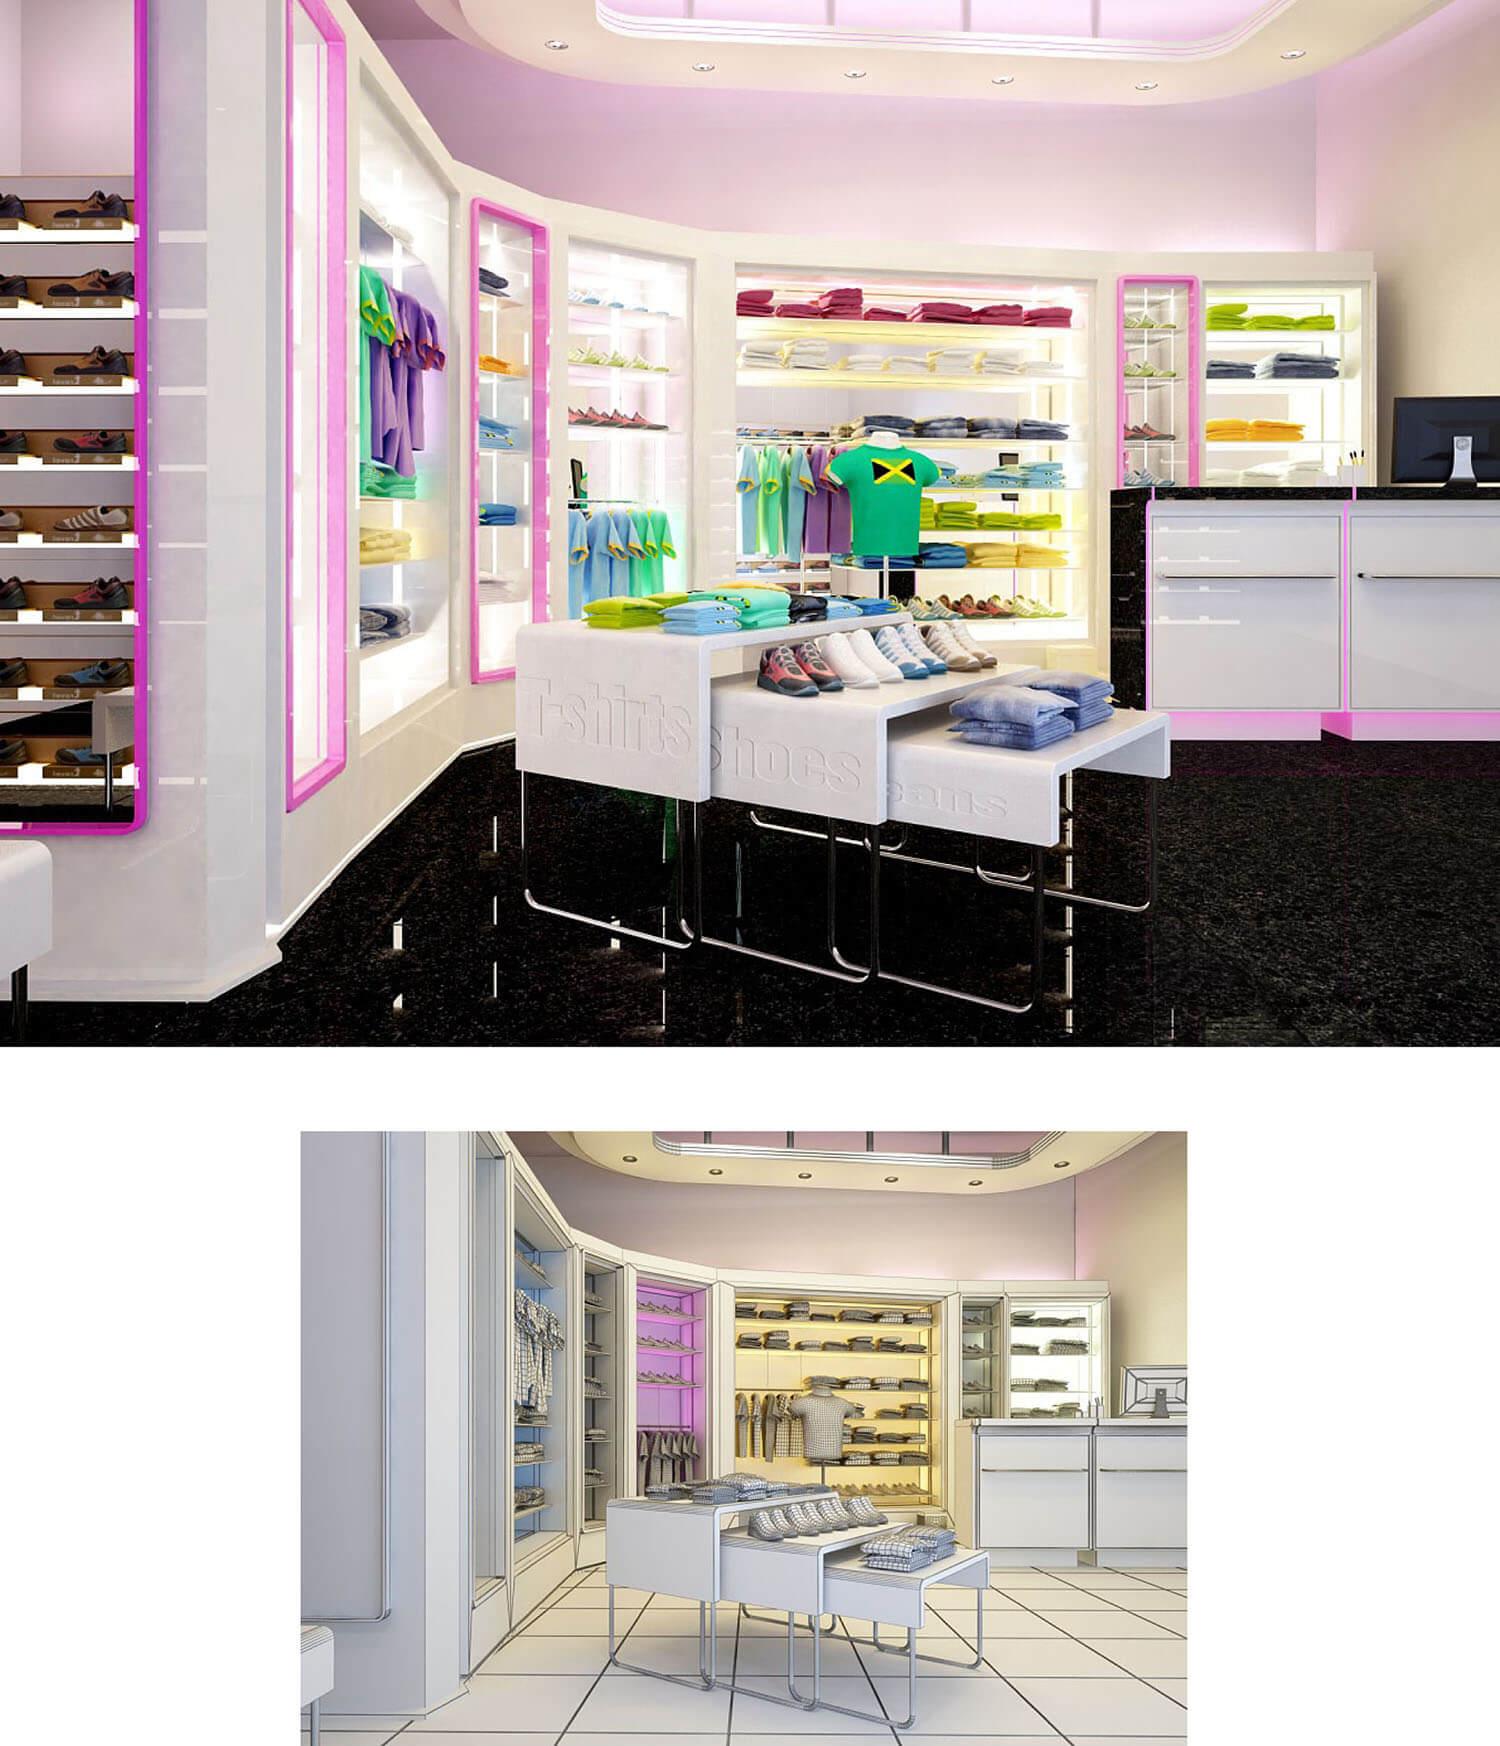 Thiết kế cửa hàng thời trang thể thao với sắc màu trẻ trung